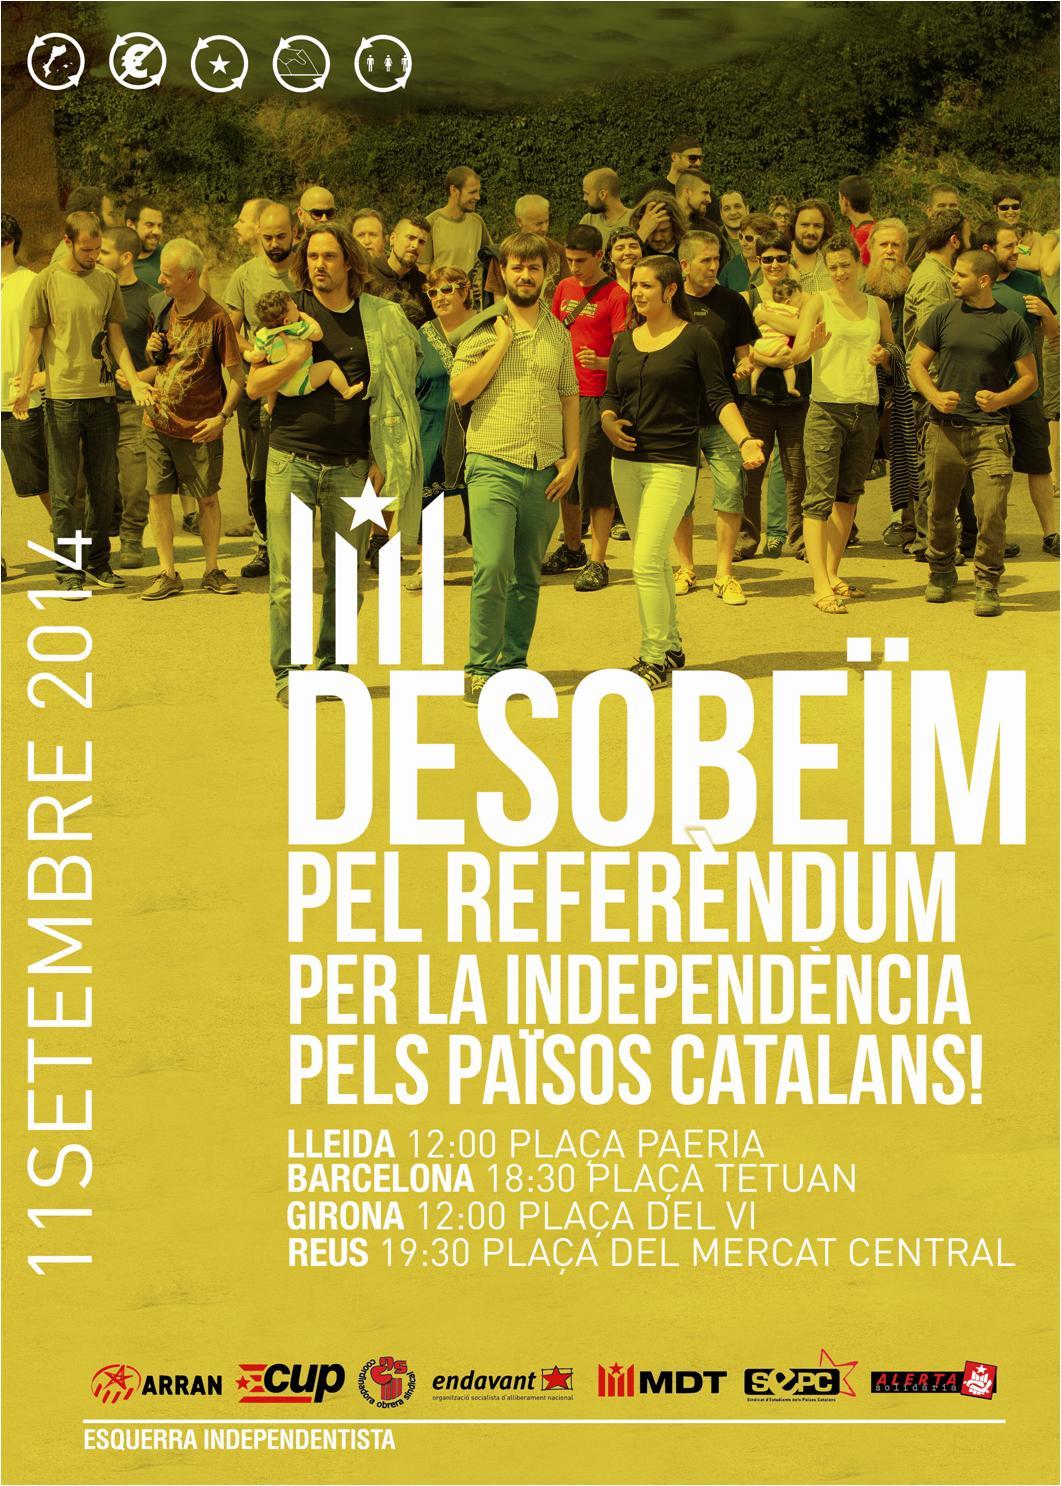 Onze de setembre de 2014: Desobeïm! Pel referèndum, per la independència i pels Països Catalans